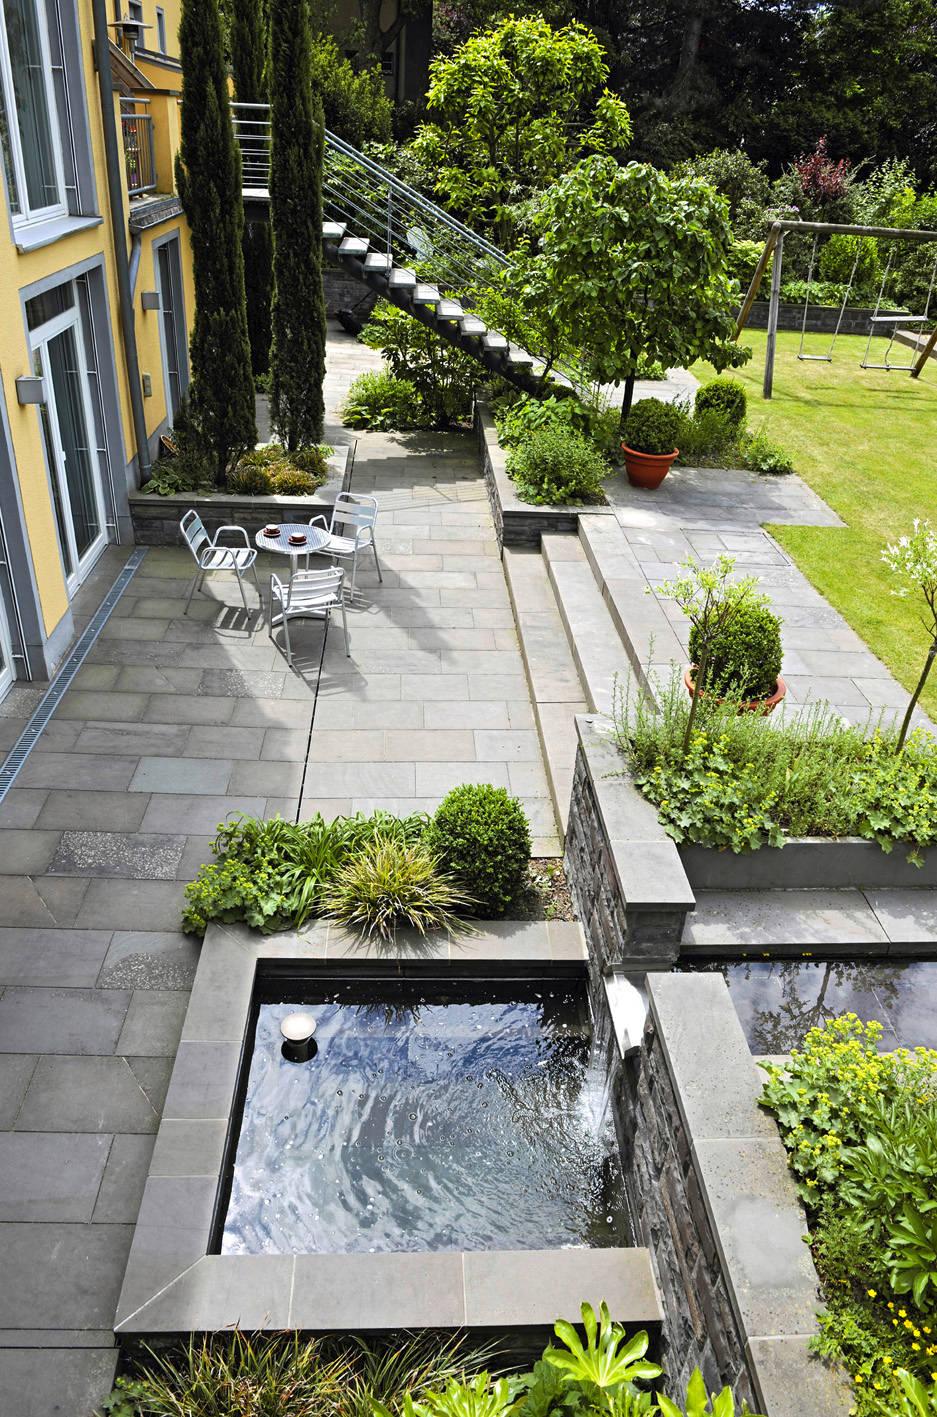 stadtgarten k ln von planungsb ro garten und freiraum homify. Black Bedroom Furniture Sets. Home Design Ideas